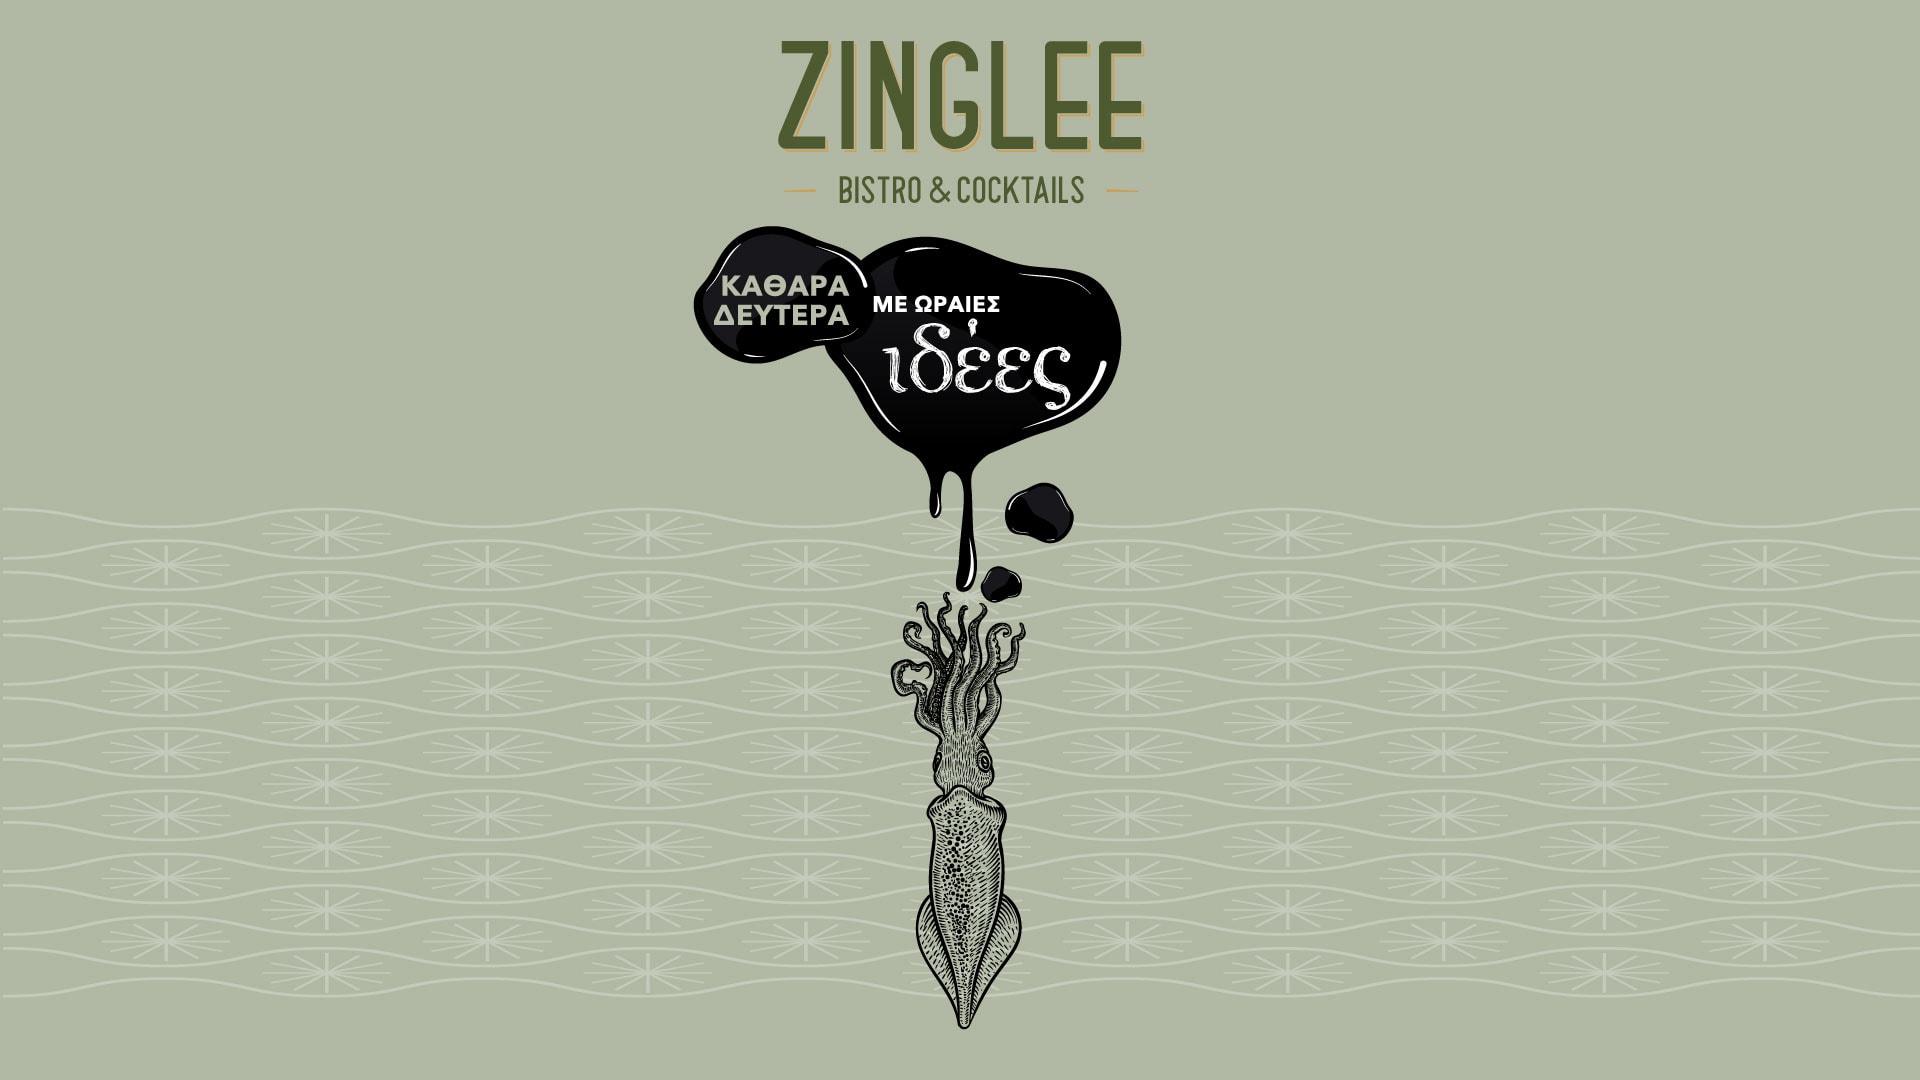 Καθαρά Δευτέρα στο Zinglee